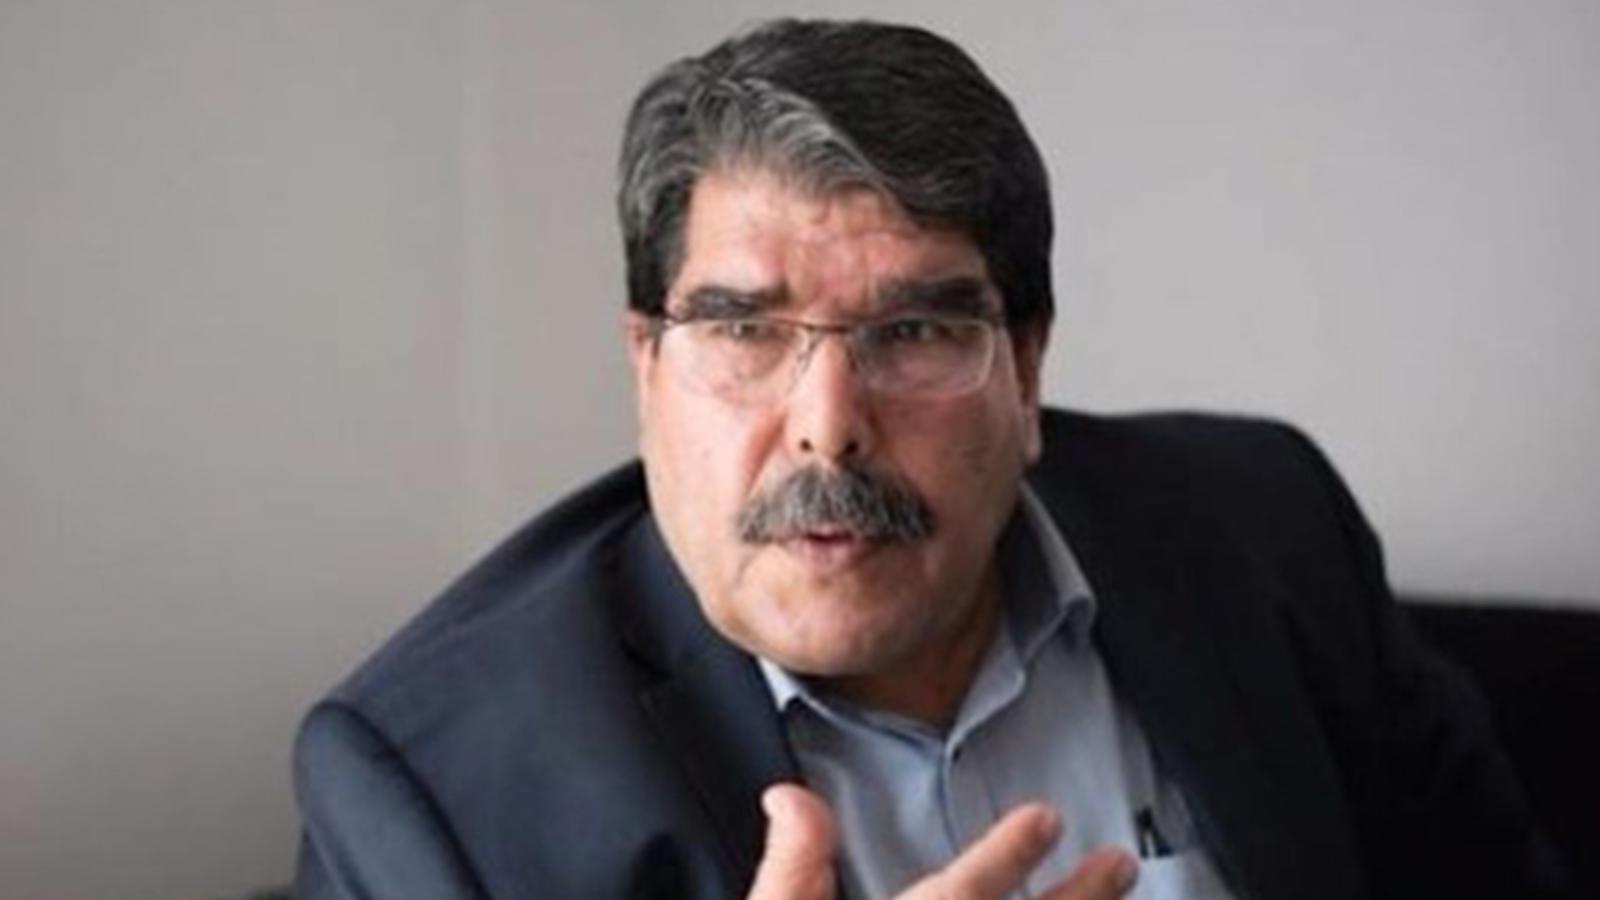 Salih Müslüm'den 'Ulusal birliğe' ilişkin açıklama